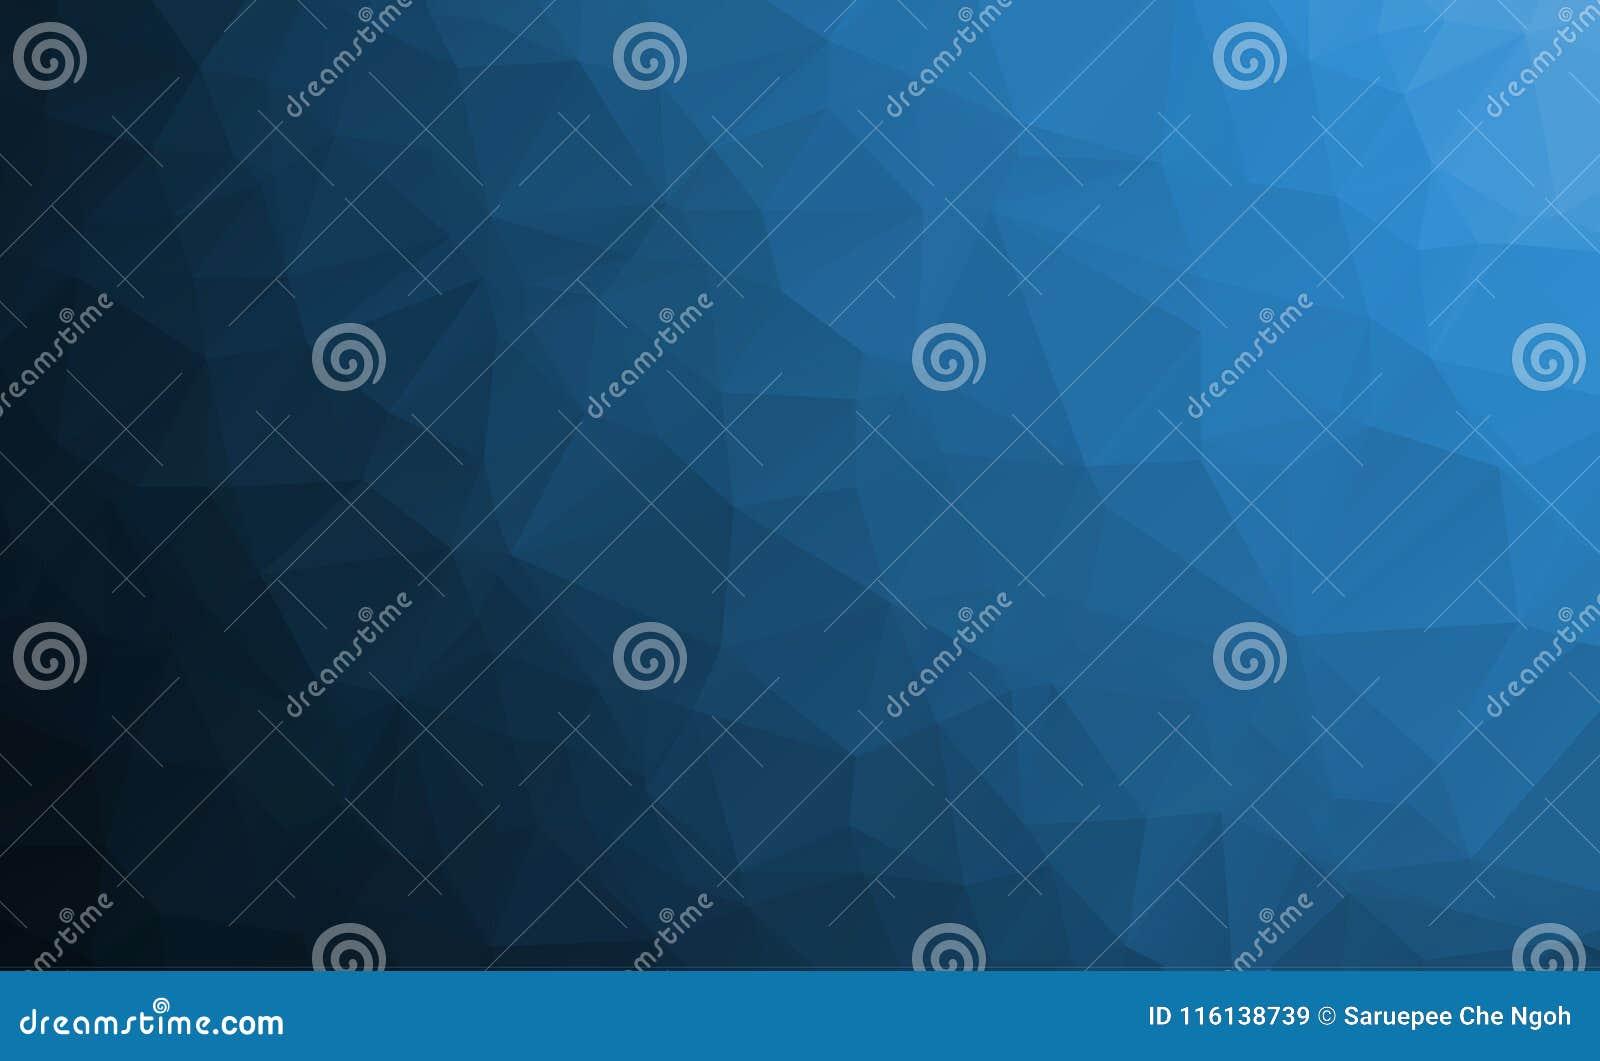 DONKERBLAUWE vector abstracte geweven veelhoekige achtergrond